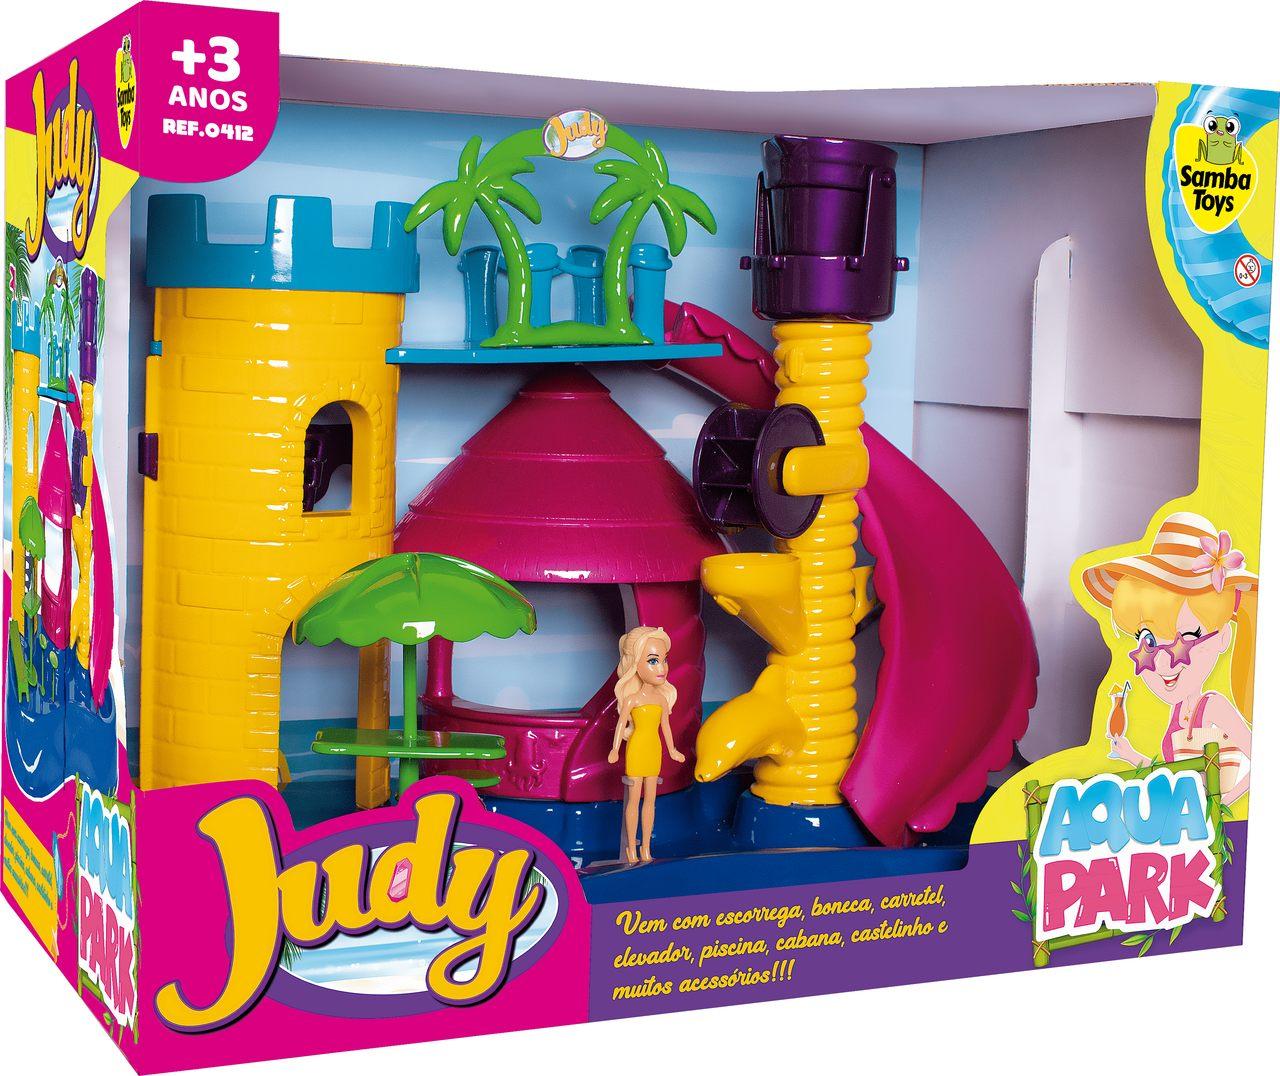 Parque Aquático Infantil da Judy Samba Toys  Ref.: 0412